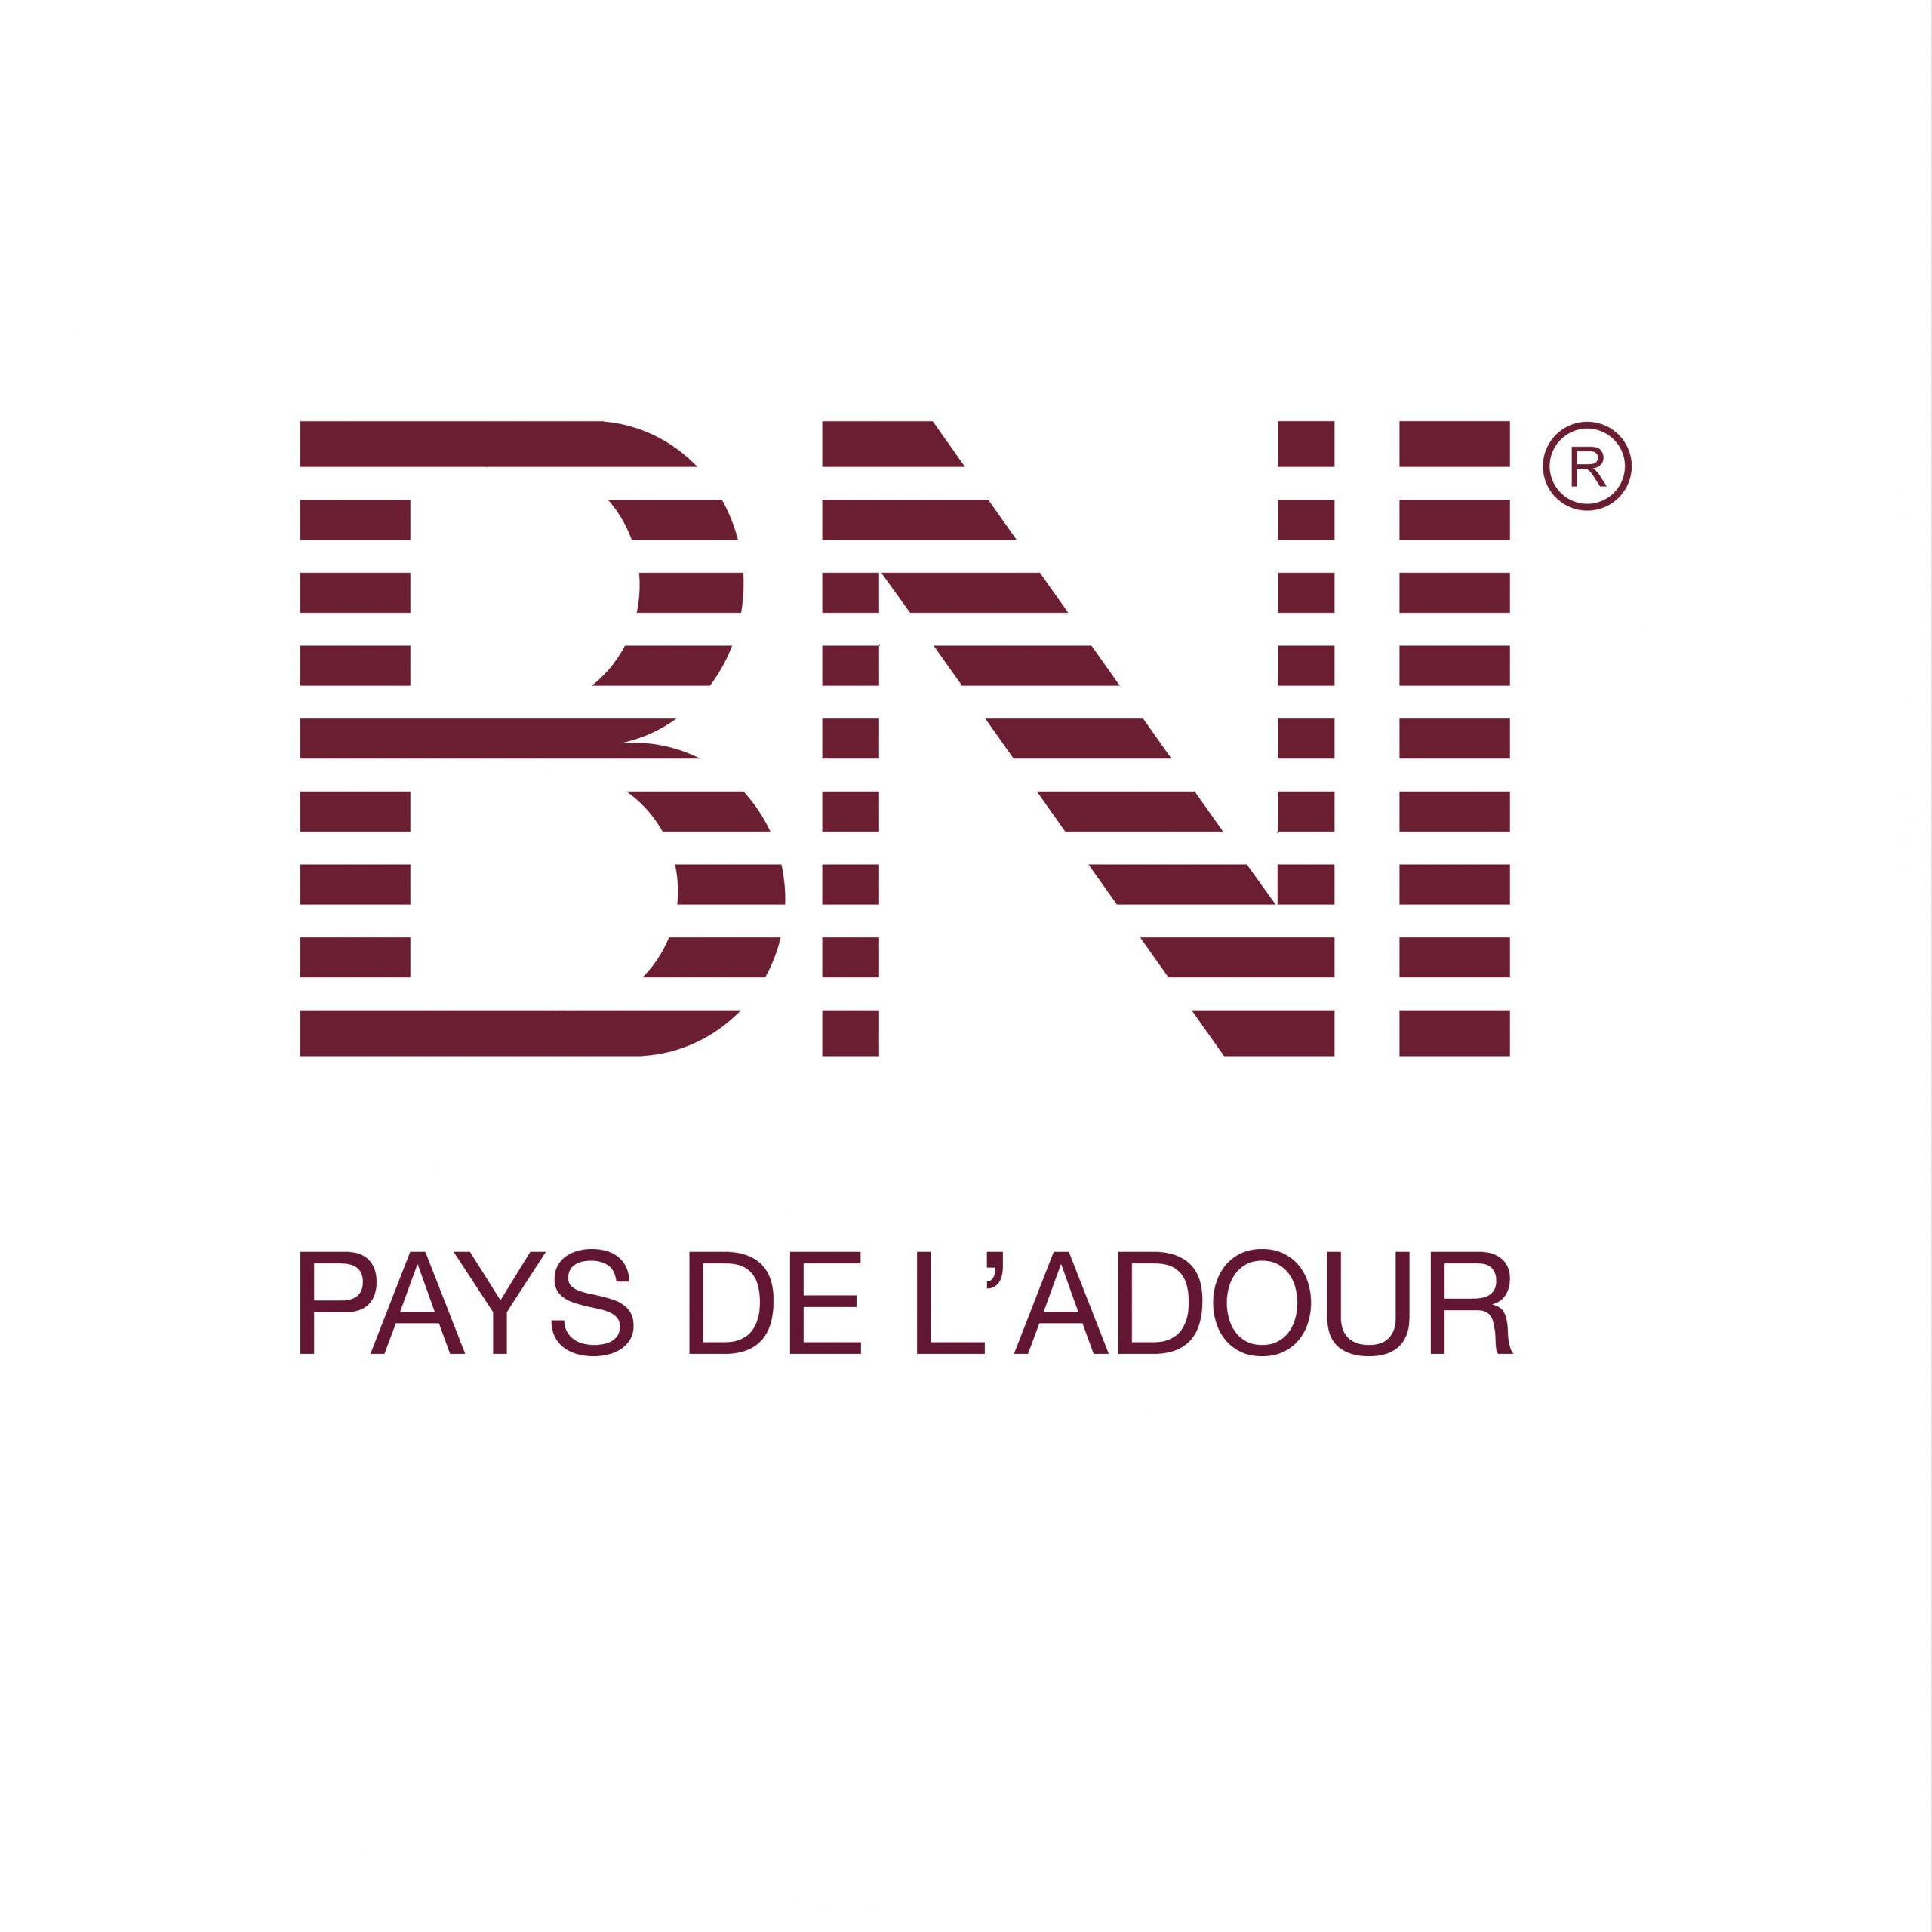 BNI-Pays-de-ladour